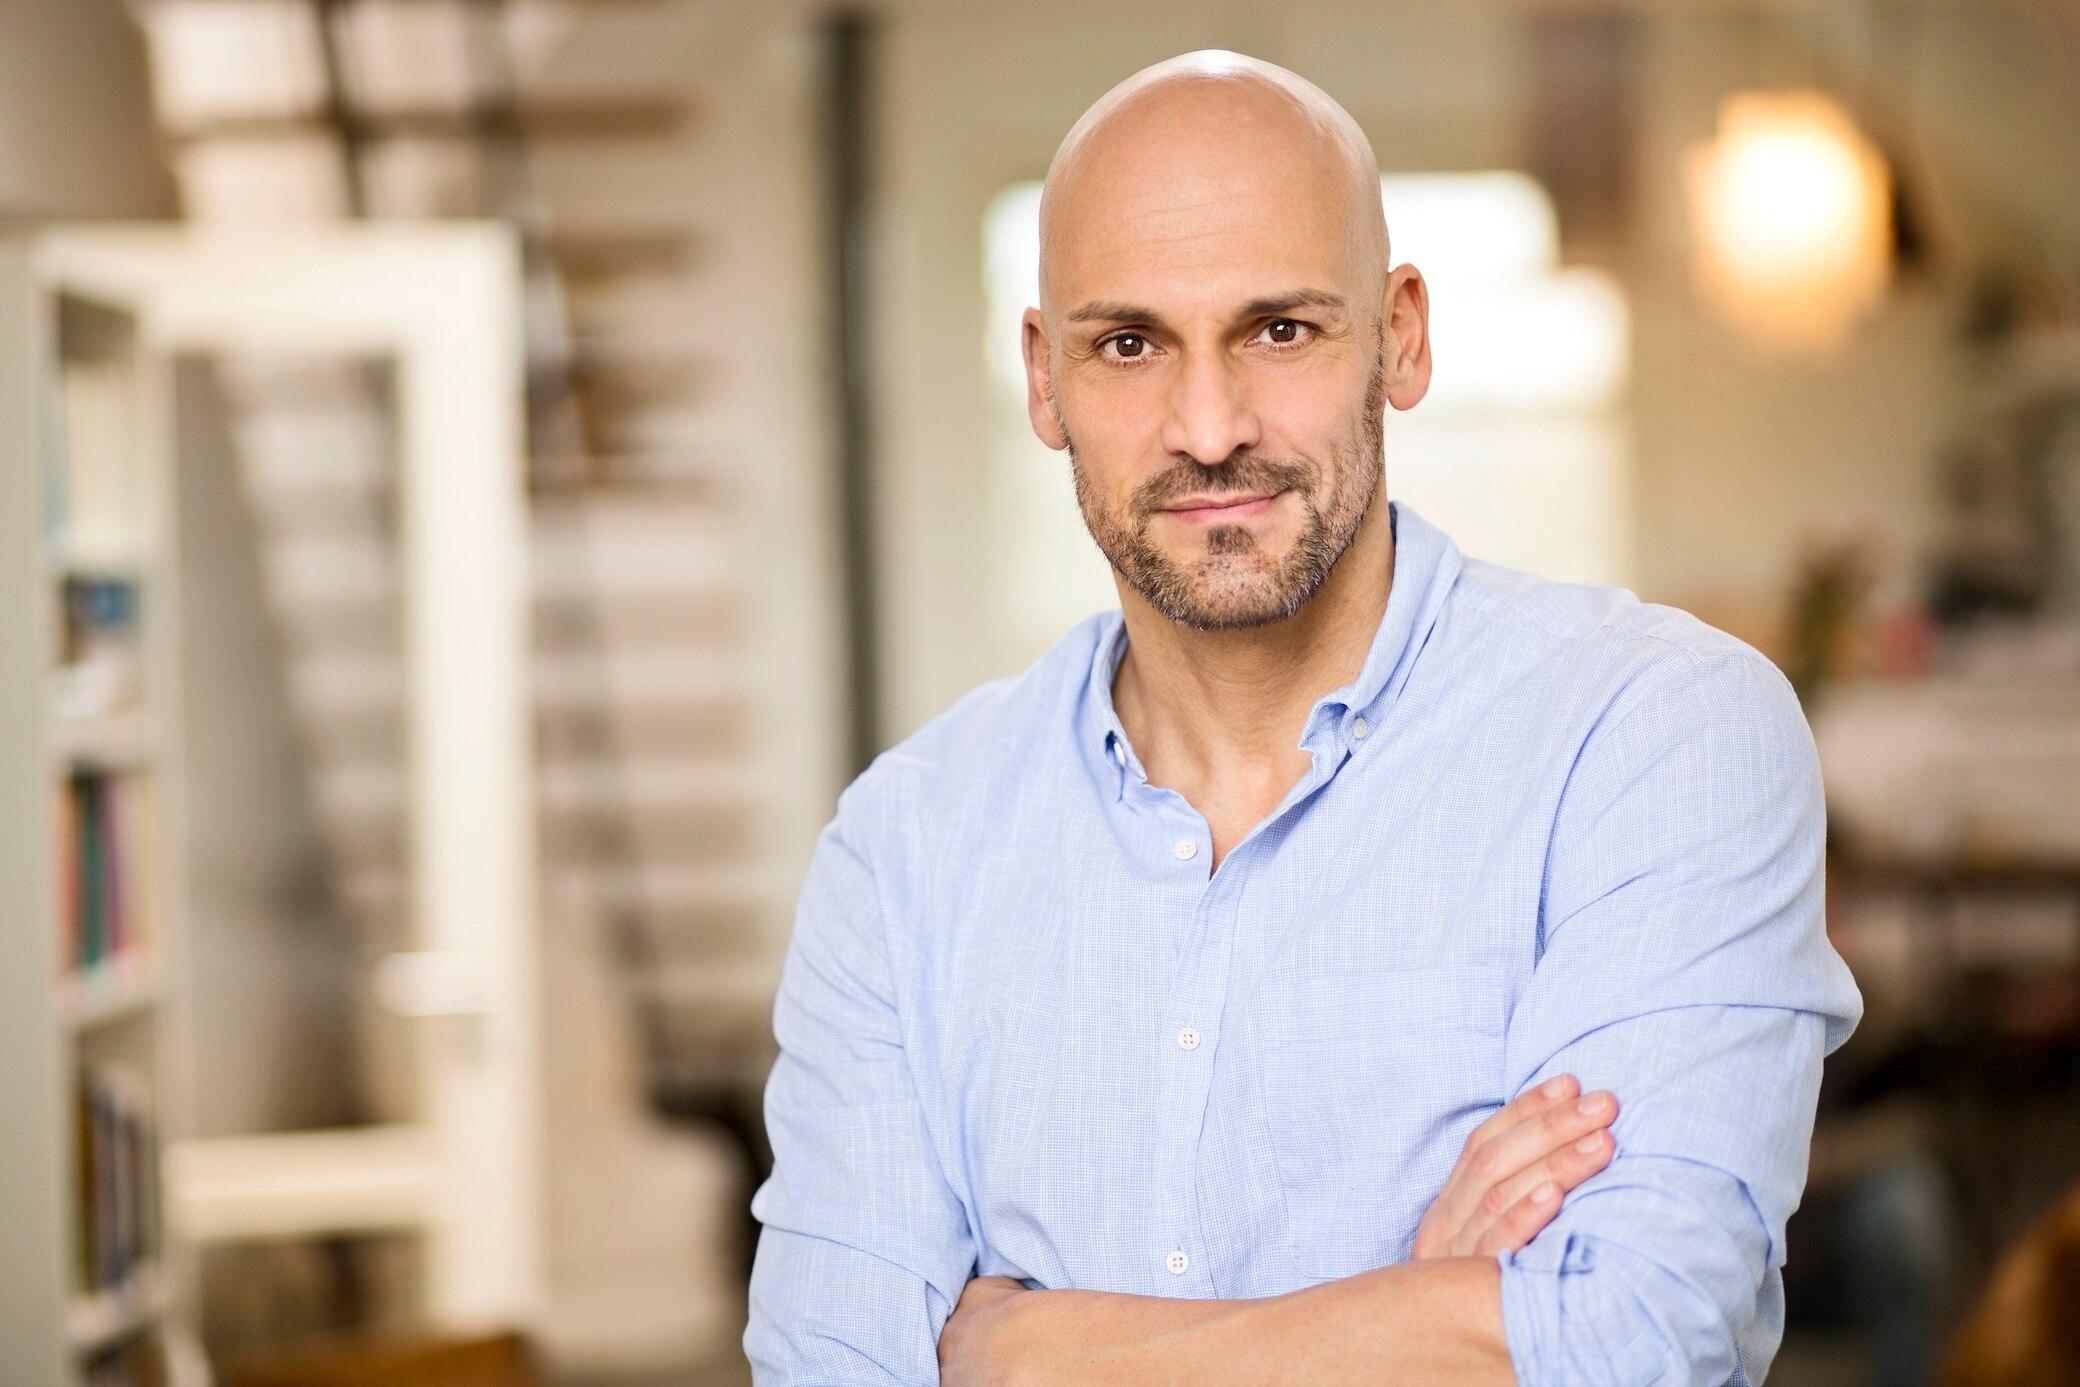 Studie: Männer mit Glatze sind erfolgreicher und attraktiver